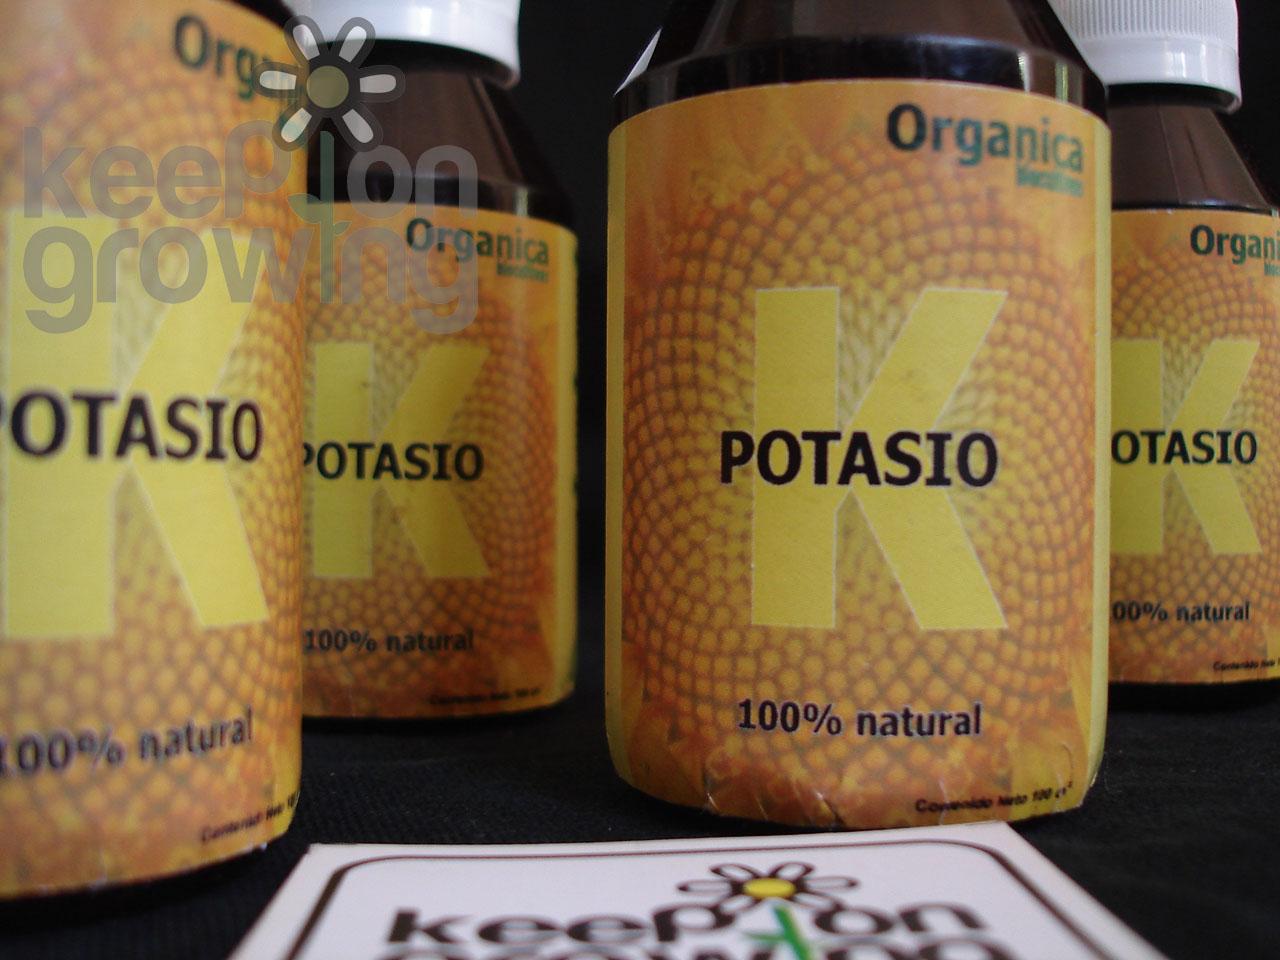 Keep on growing mimamos tus plantas potasio liquido for Potasio para plantas